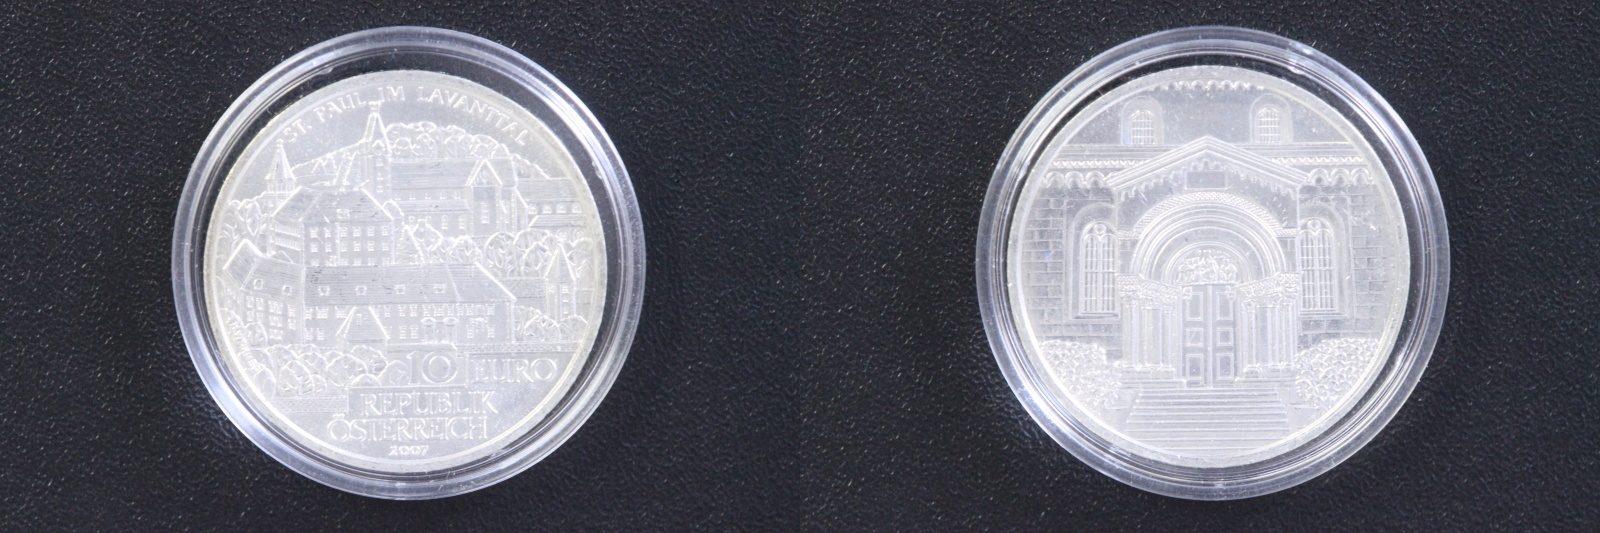 10 Euro 2007 Österreich 10 € St. Paul im Lavanthal st